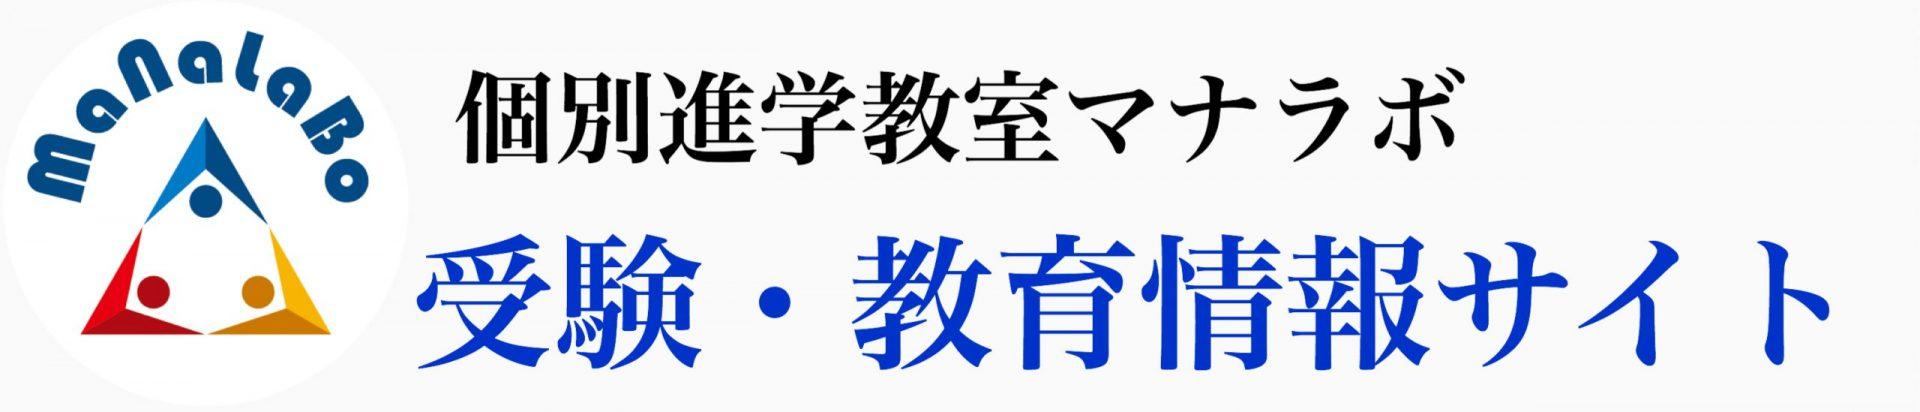 【公式】個別進学教室マナラボ受験・教育情報サイト